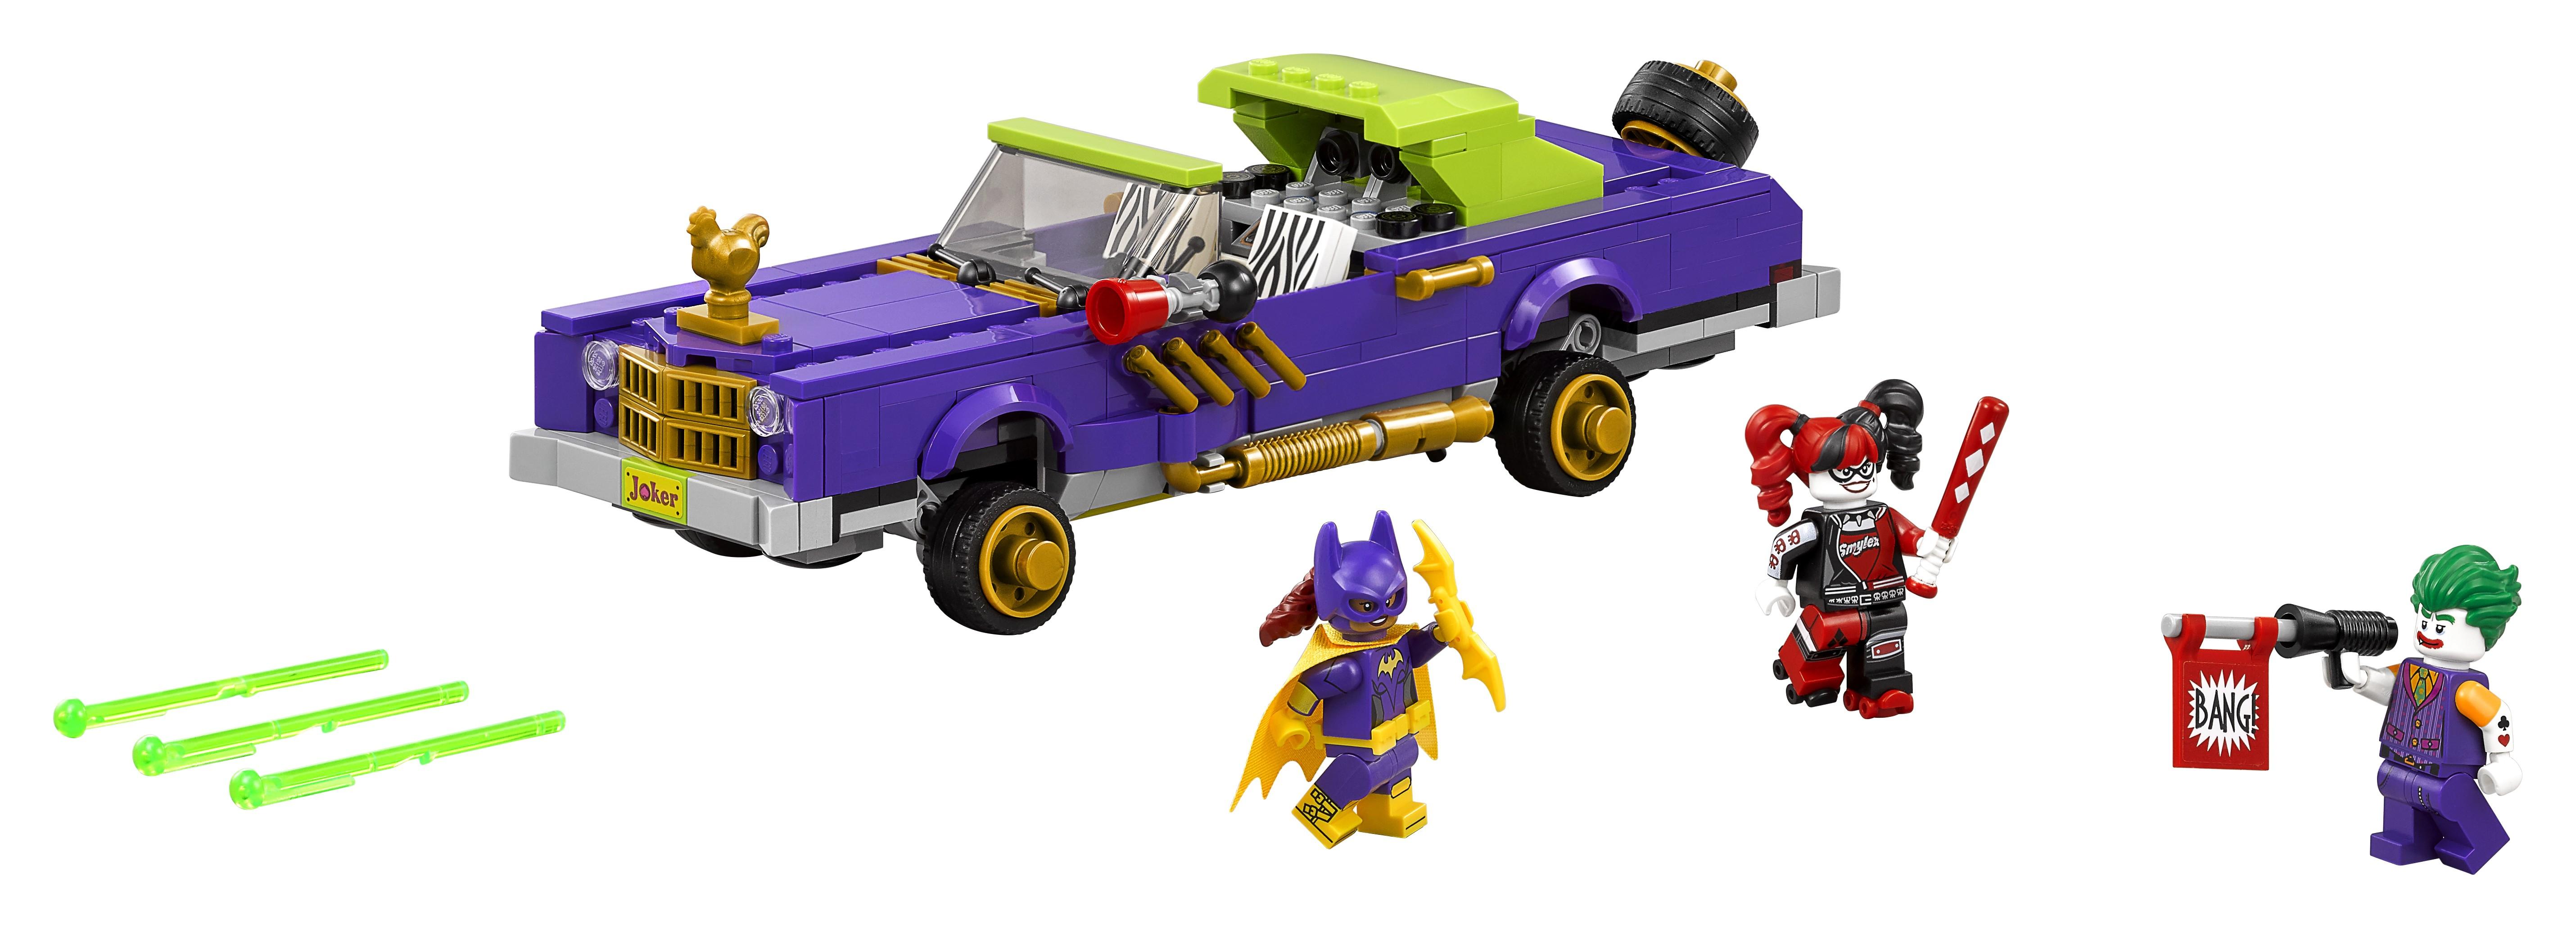 LEGO LEGO Batman Movie 70906 Лоурайдер Джокера конструктор lego batman movie побег джокера на воздушном шаре 70900 l